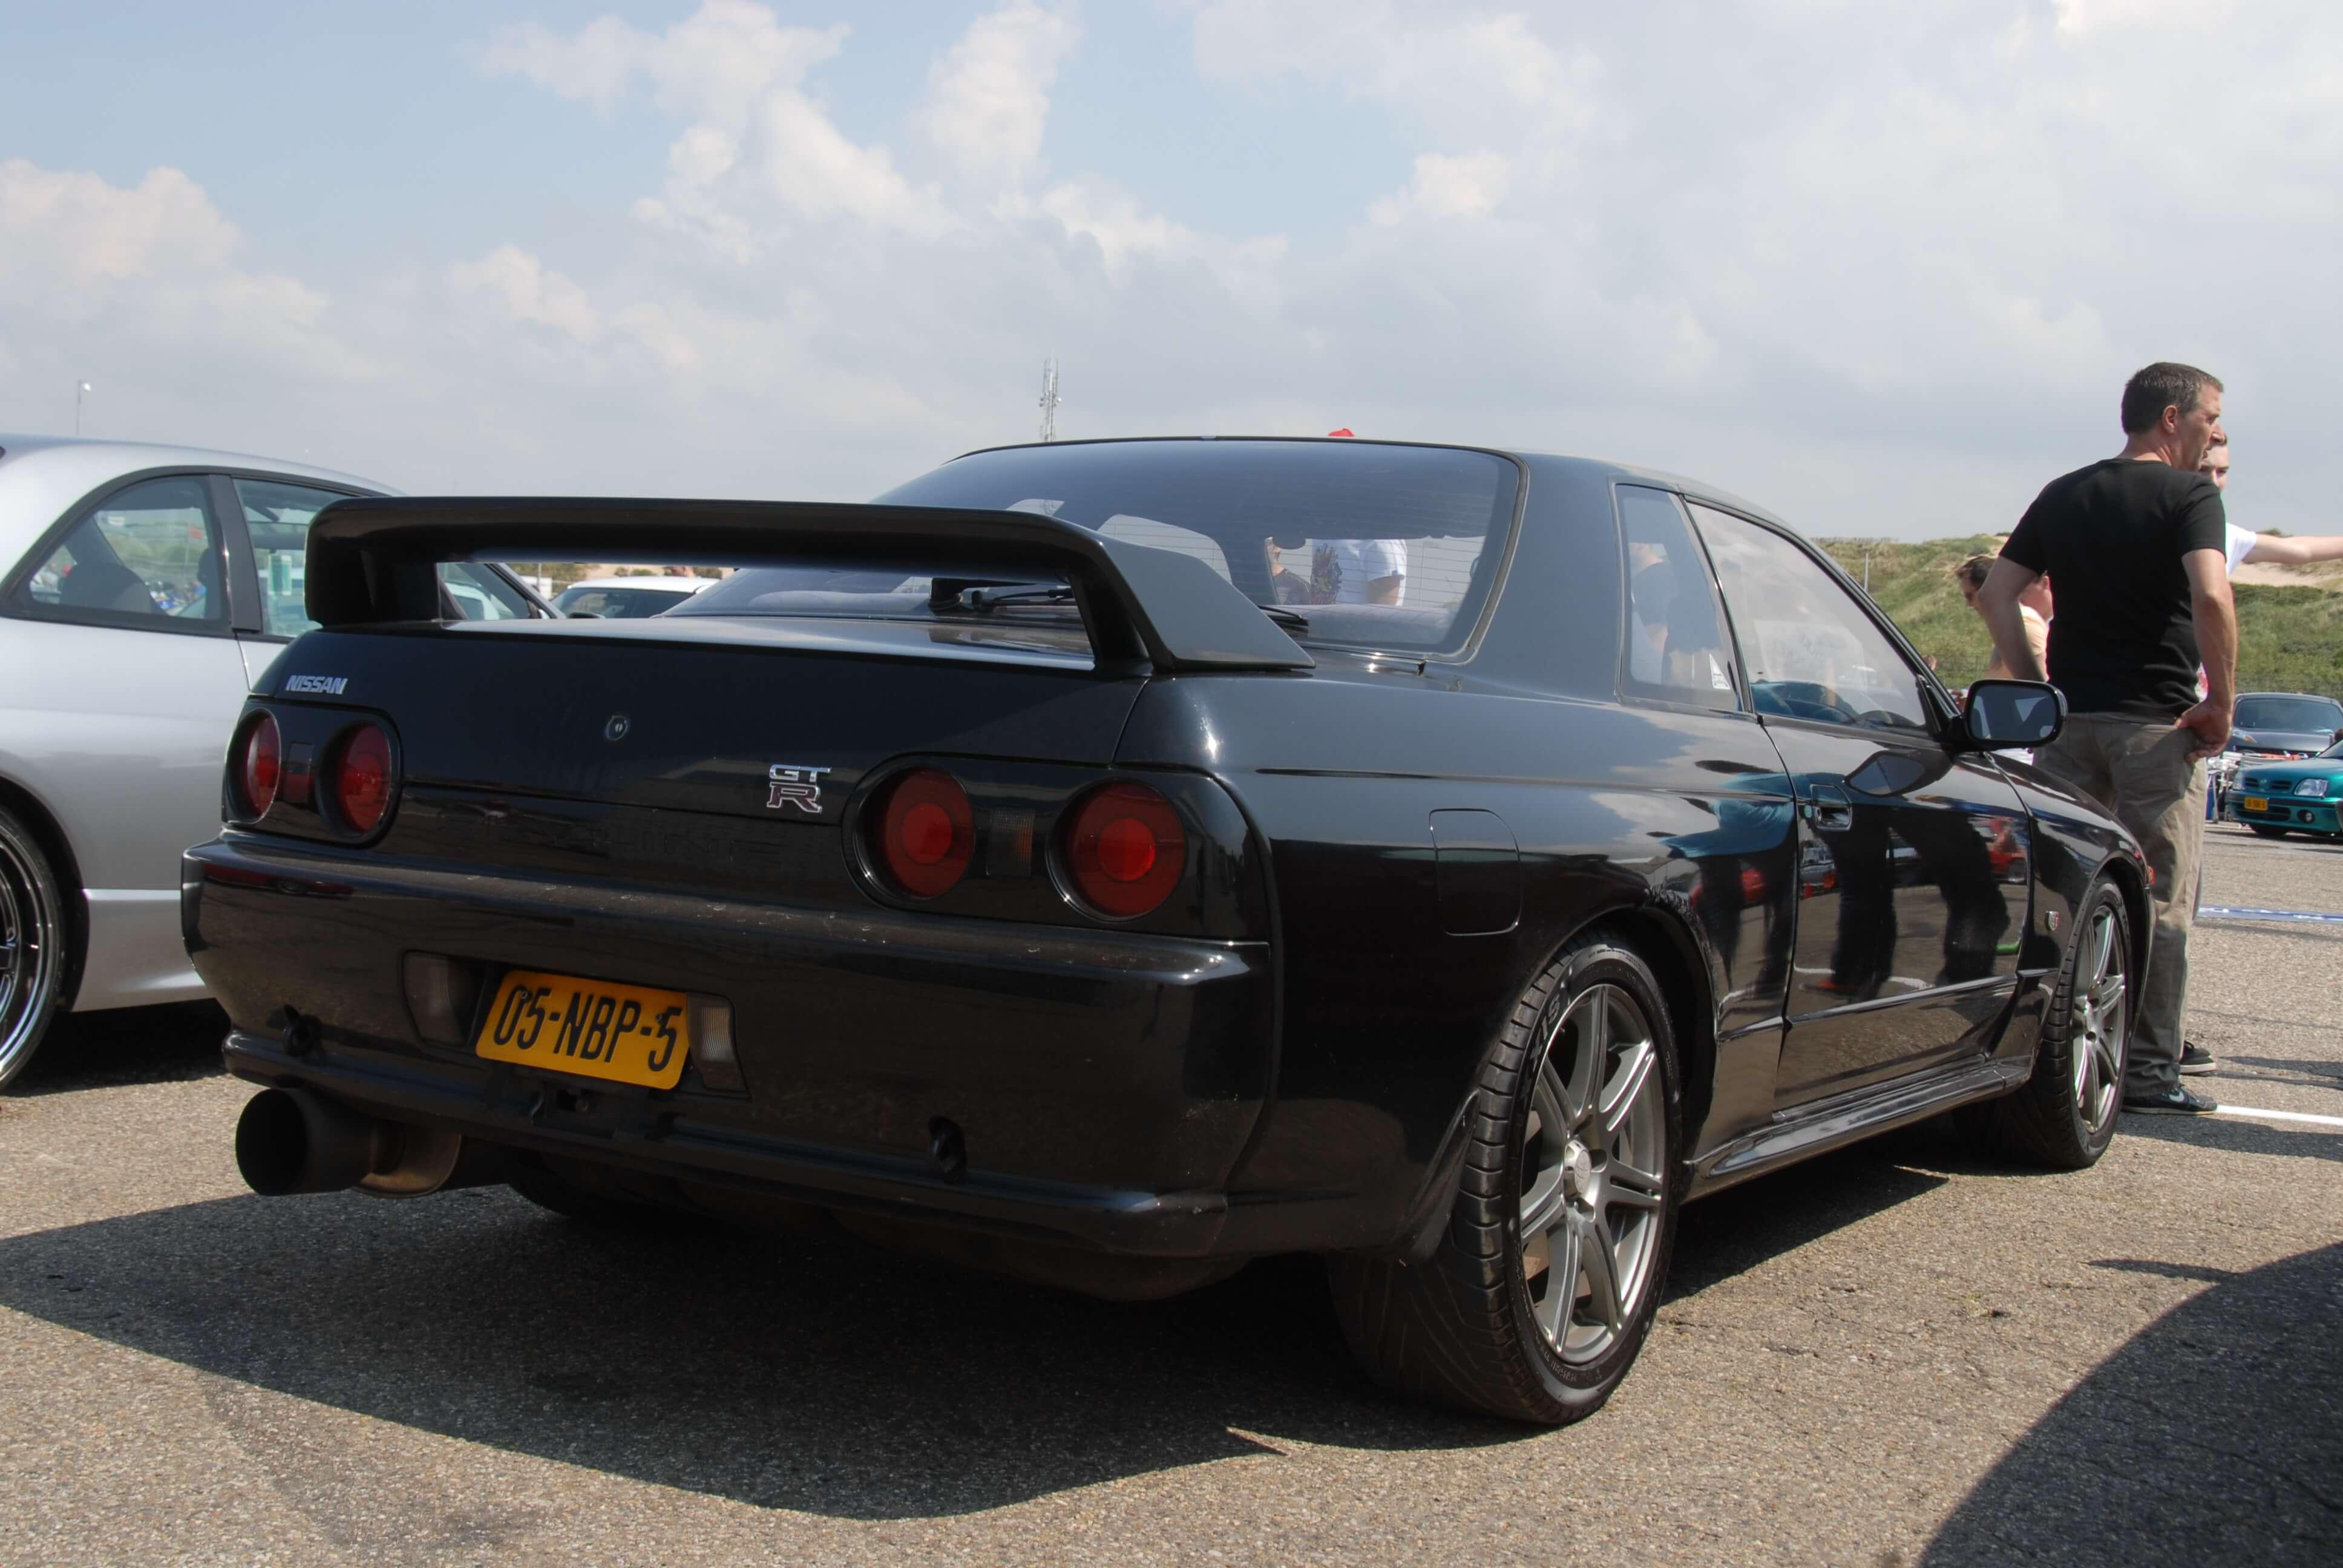 05-NBP-5: NISSAN SKYLINE GT-R uit 1994